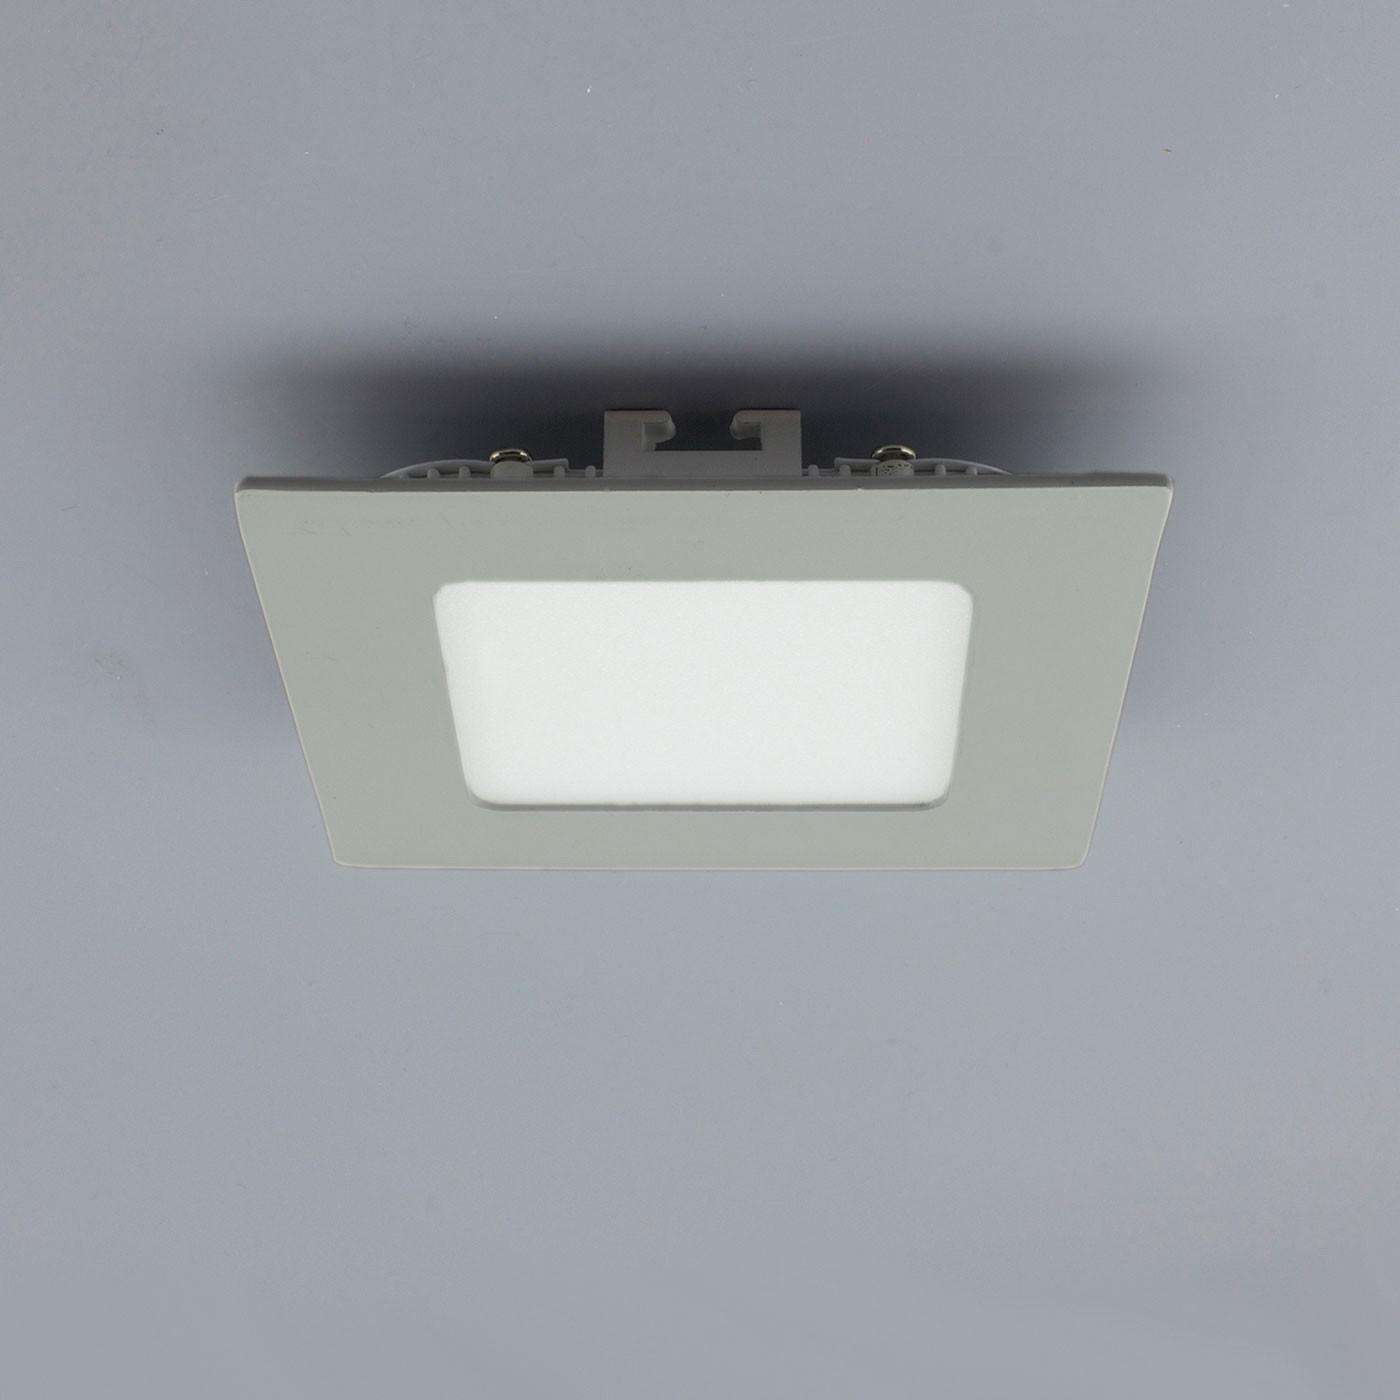 licht design 30772 einbau led panel 200 lumen 9x9 cm neutral silber kaufen bei licht. Black Bedroom Furniture Sets. Home Design Ideas